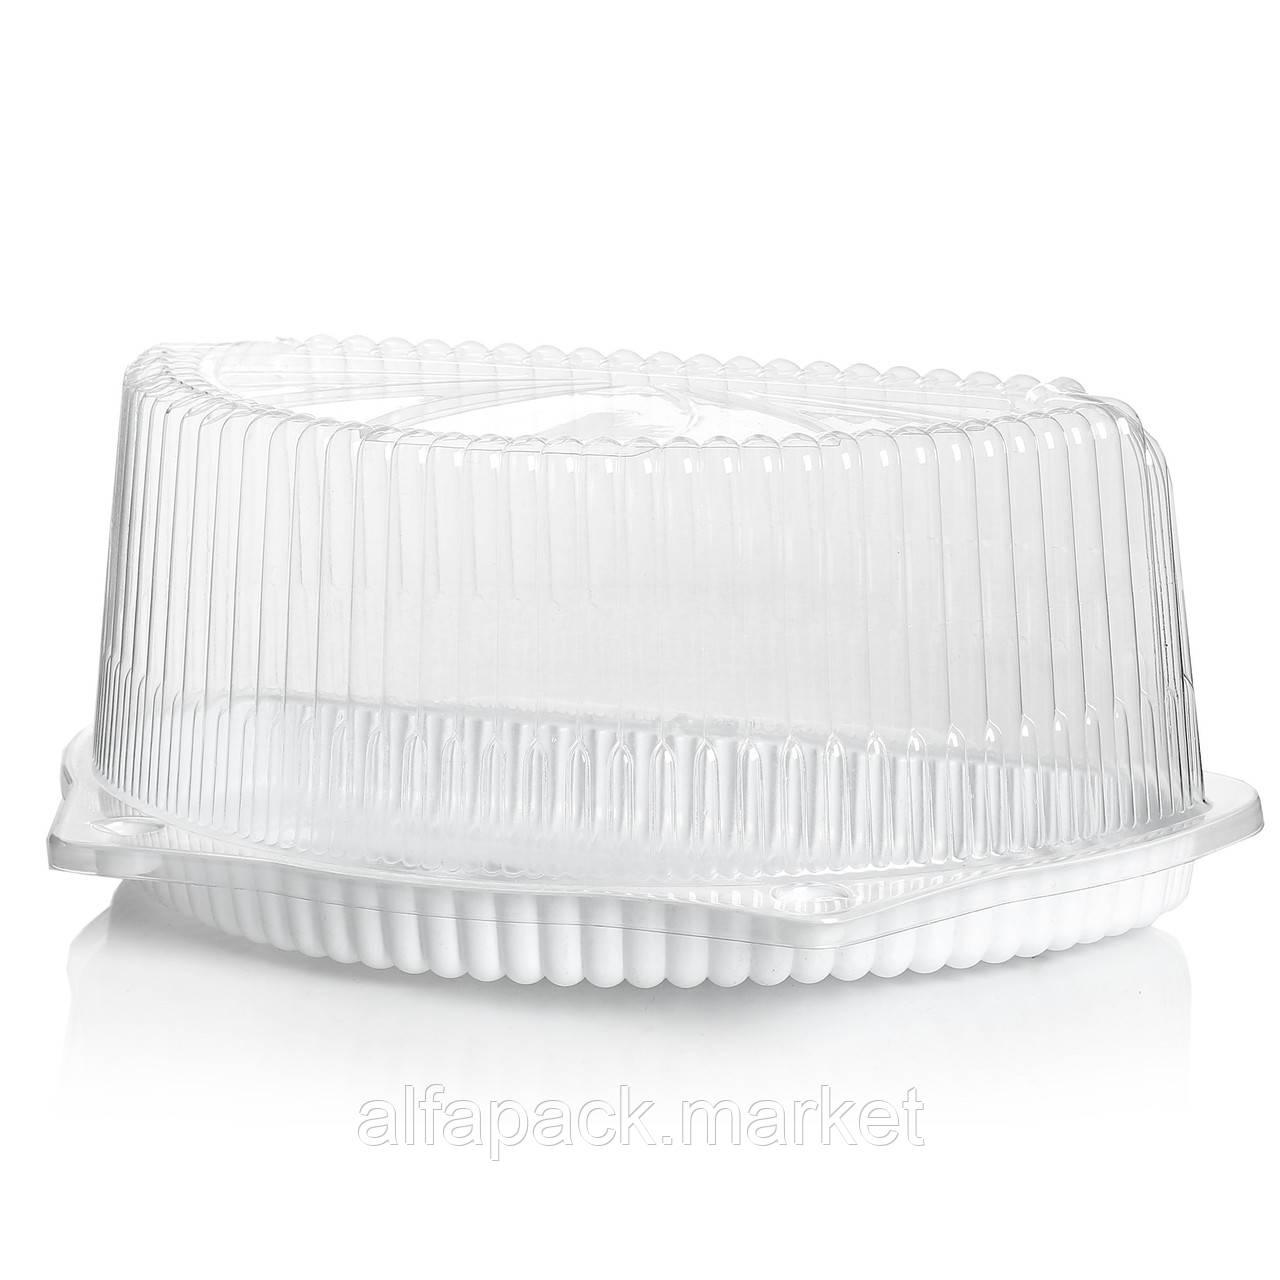 ПС-27 Упаковка для половинки торта, 260*156*79 (250 шт в упаковке) 010100077